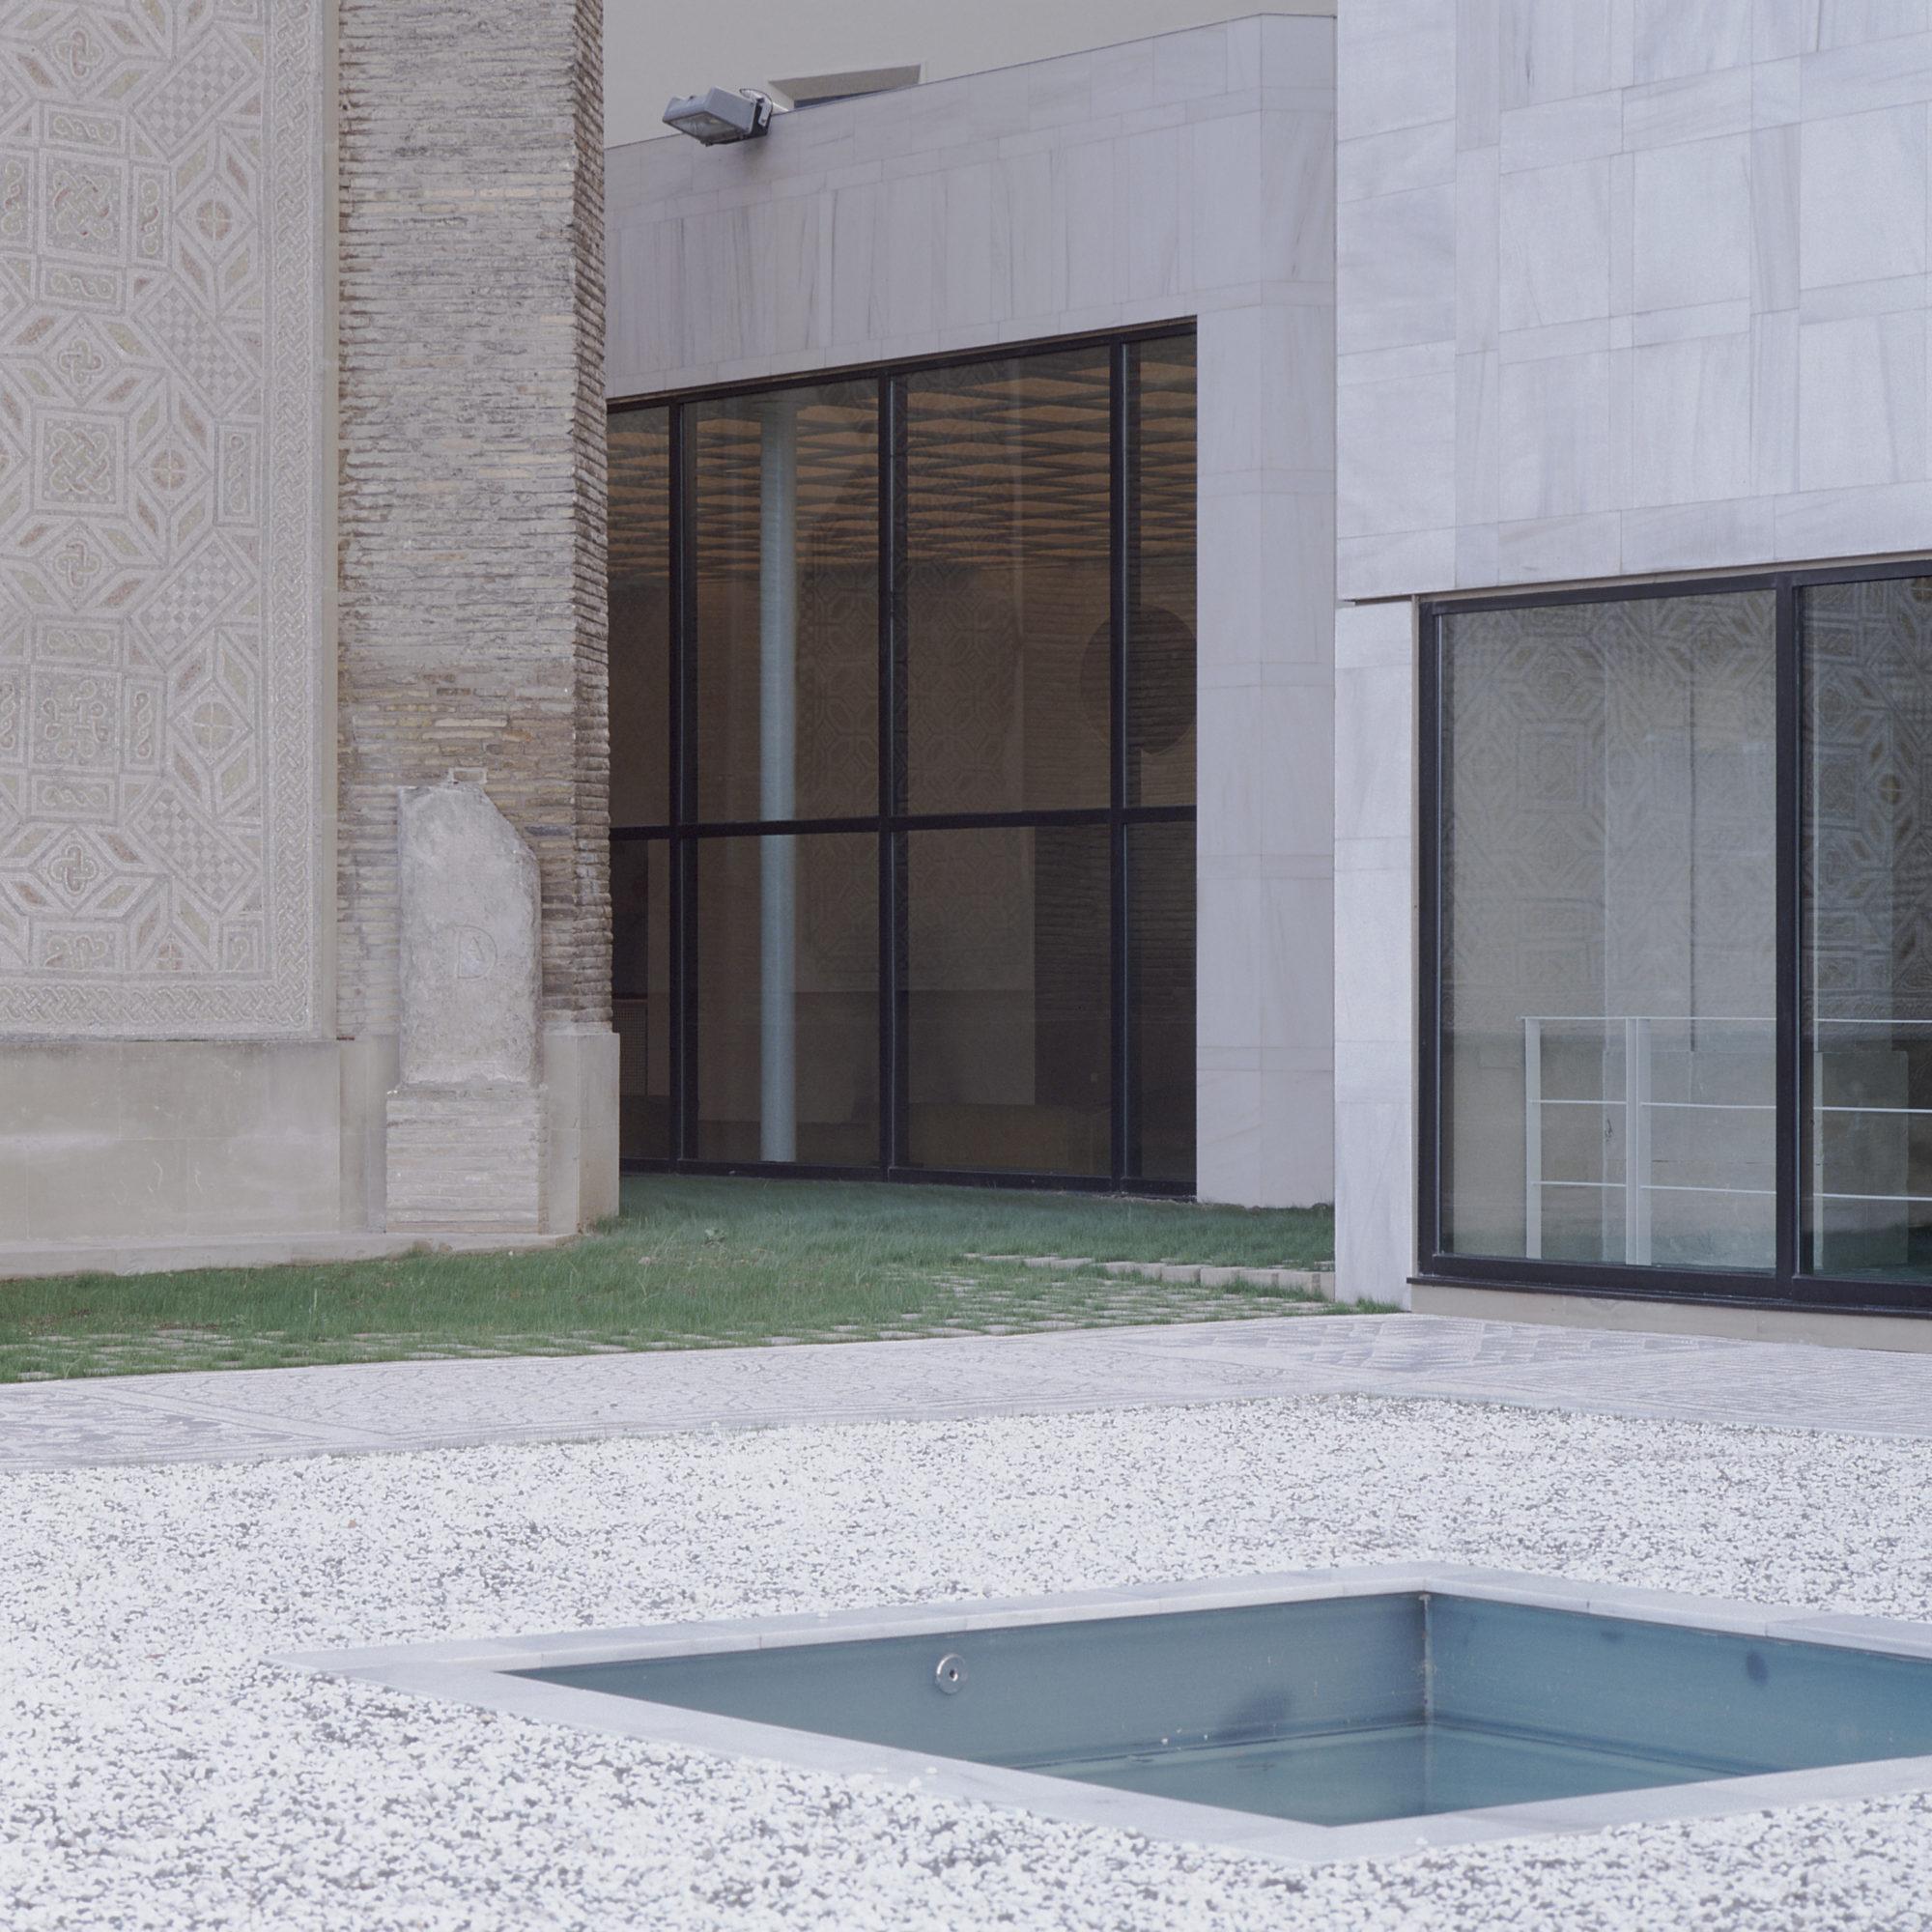 Museu d'Art de Navarra - Garcés - de Seta - Bonet